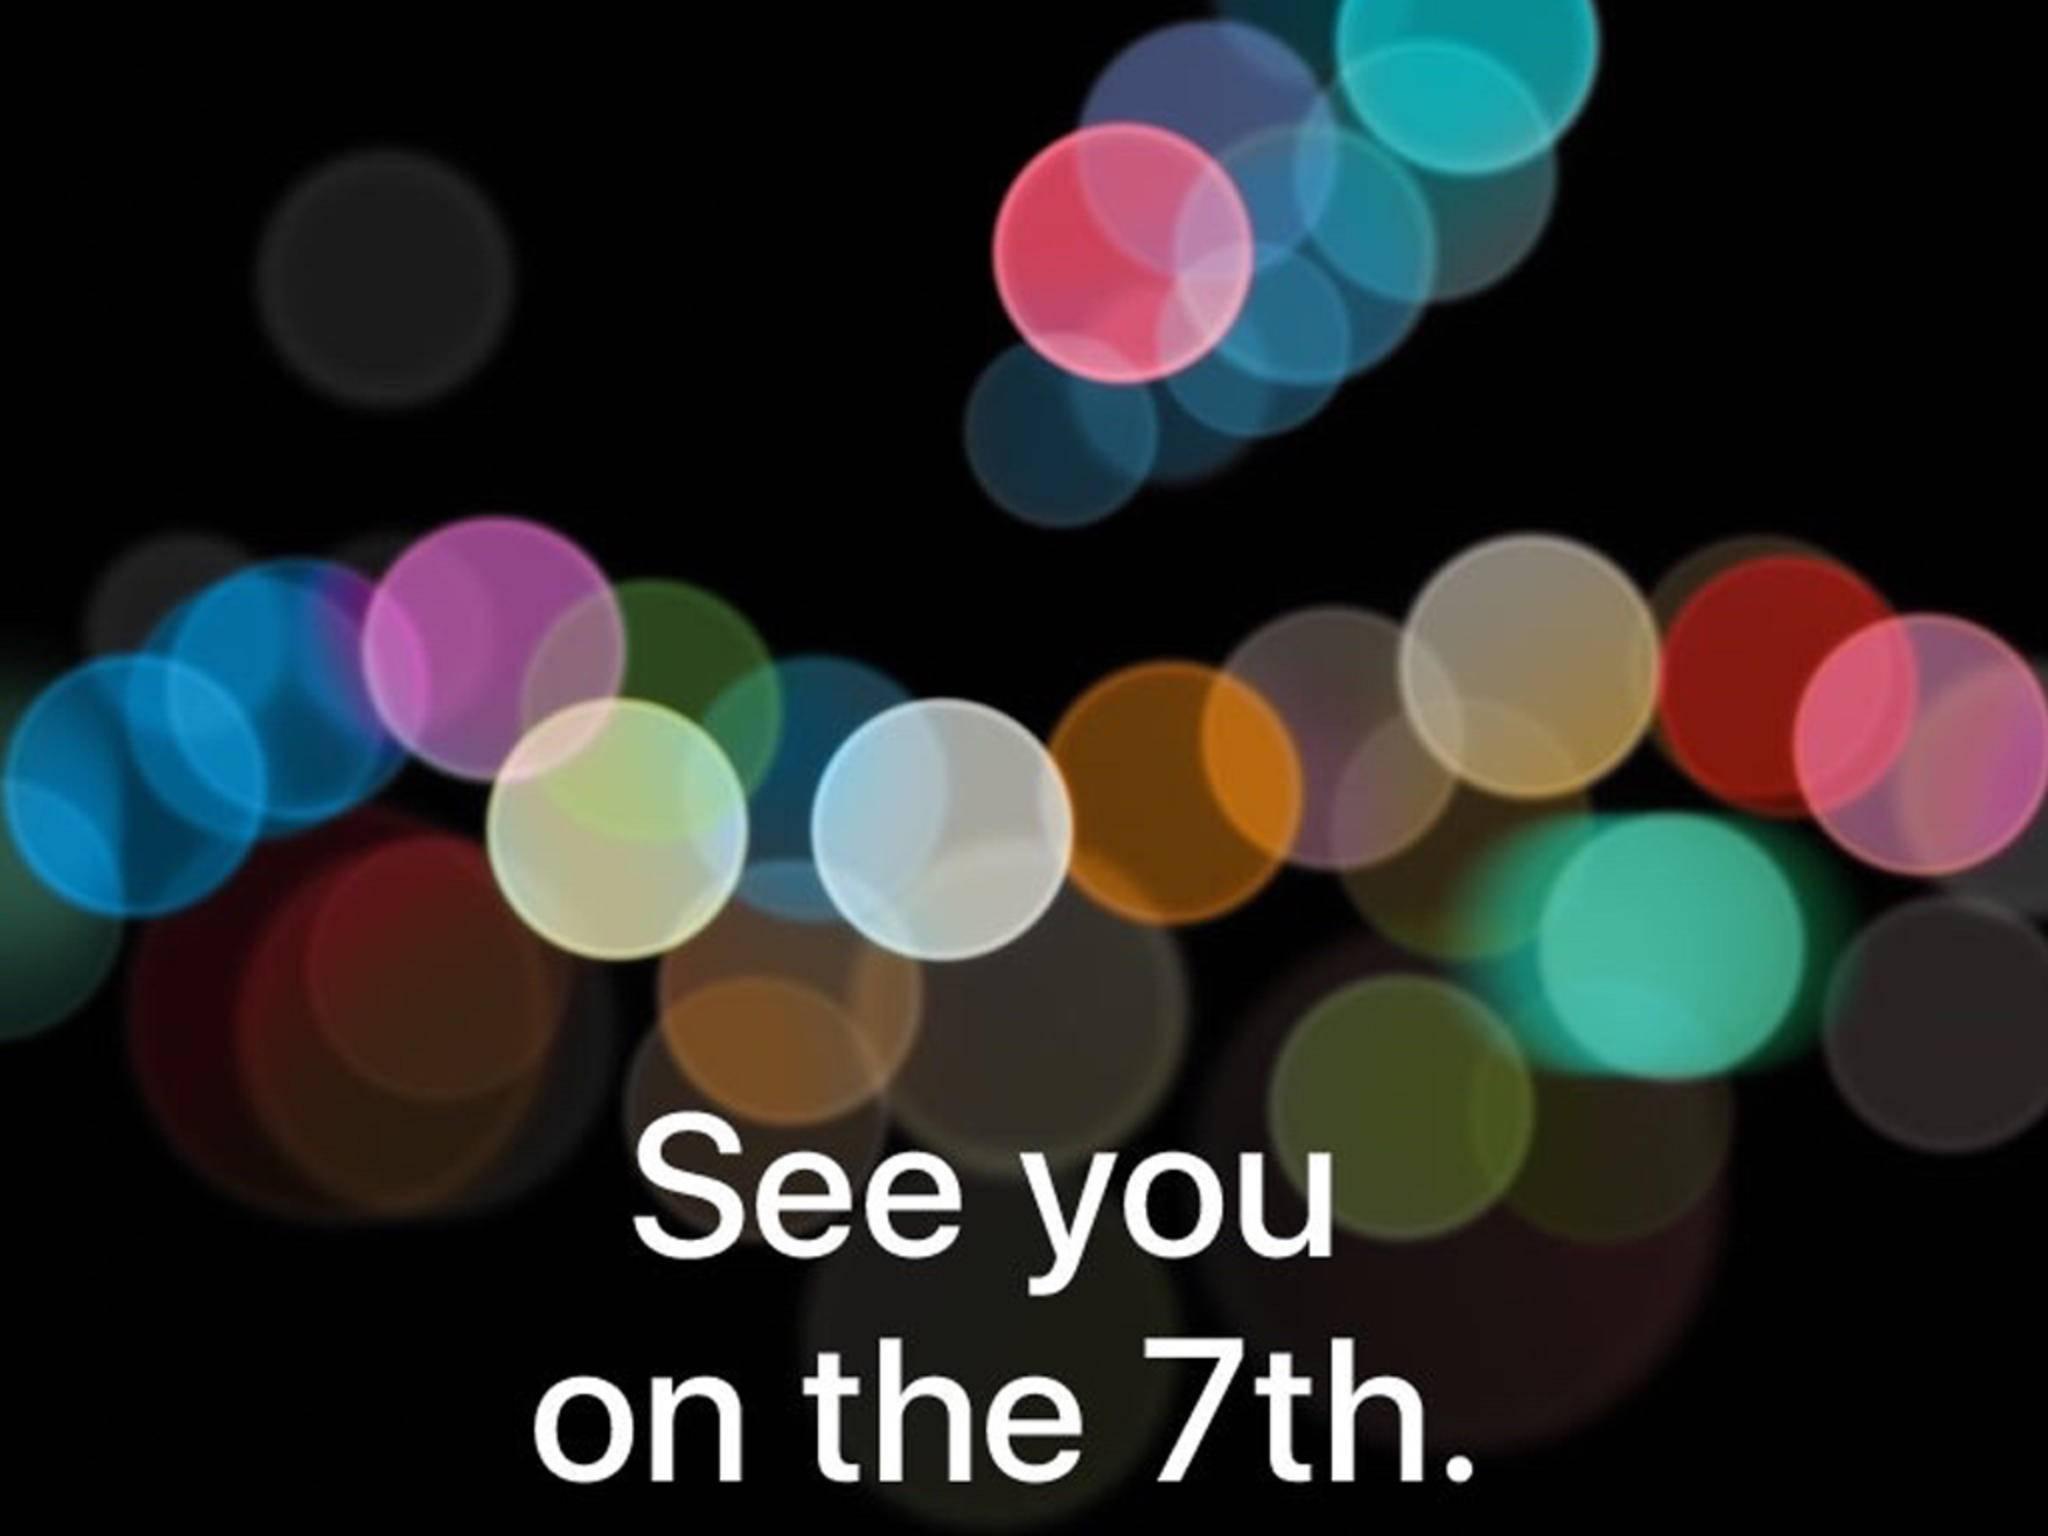 Die Keynote-Einladung von Apple lässt Raum für Spekulationen.